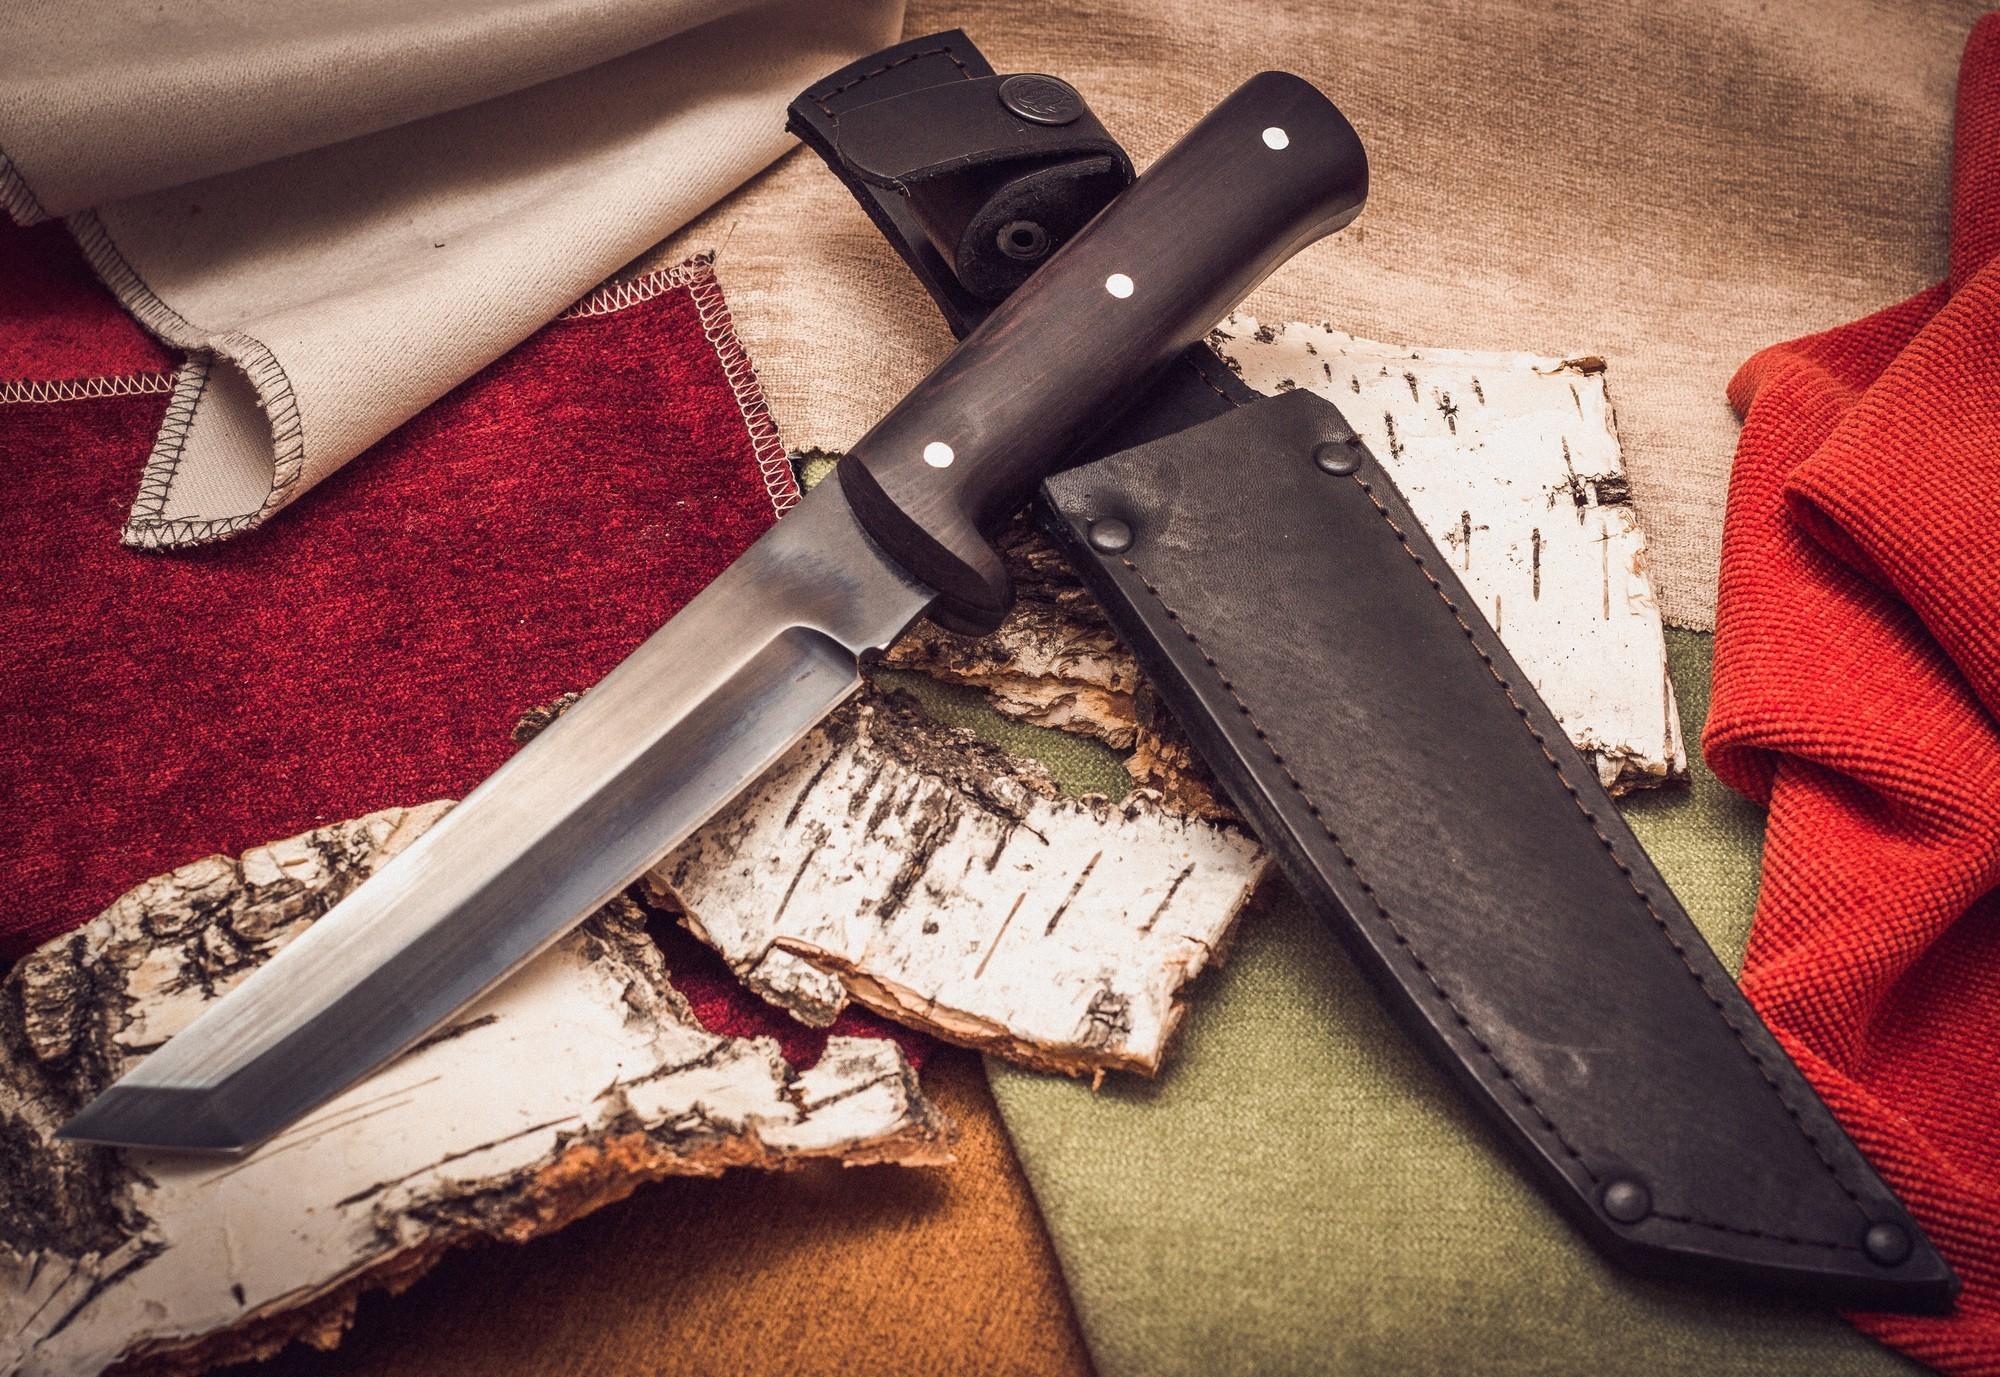 Фото 6 - Нож Тантоид MT-12, черный граб, сталь 65Г